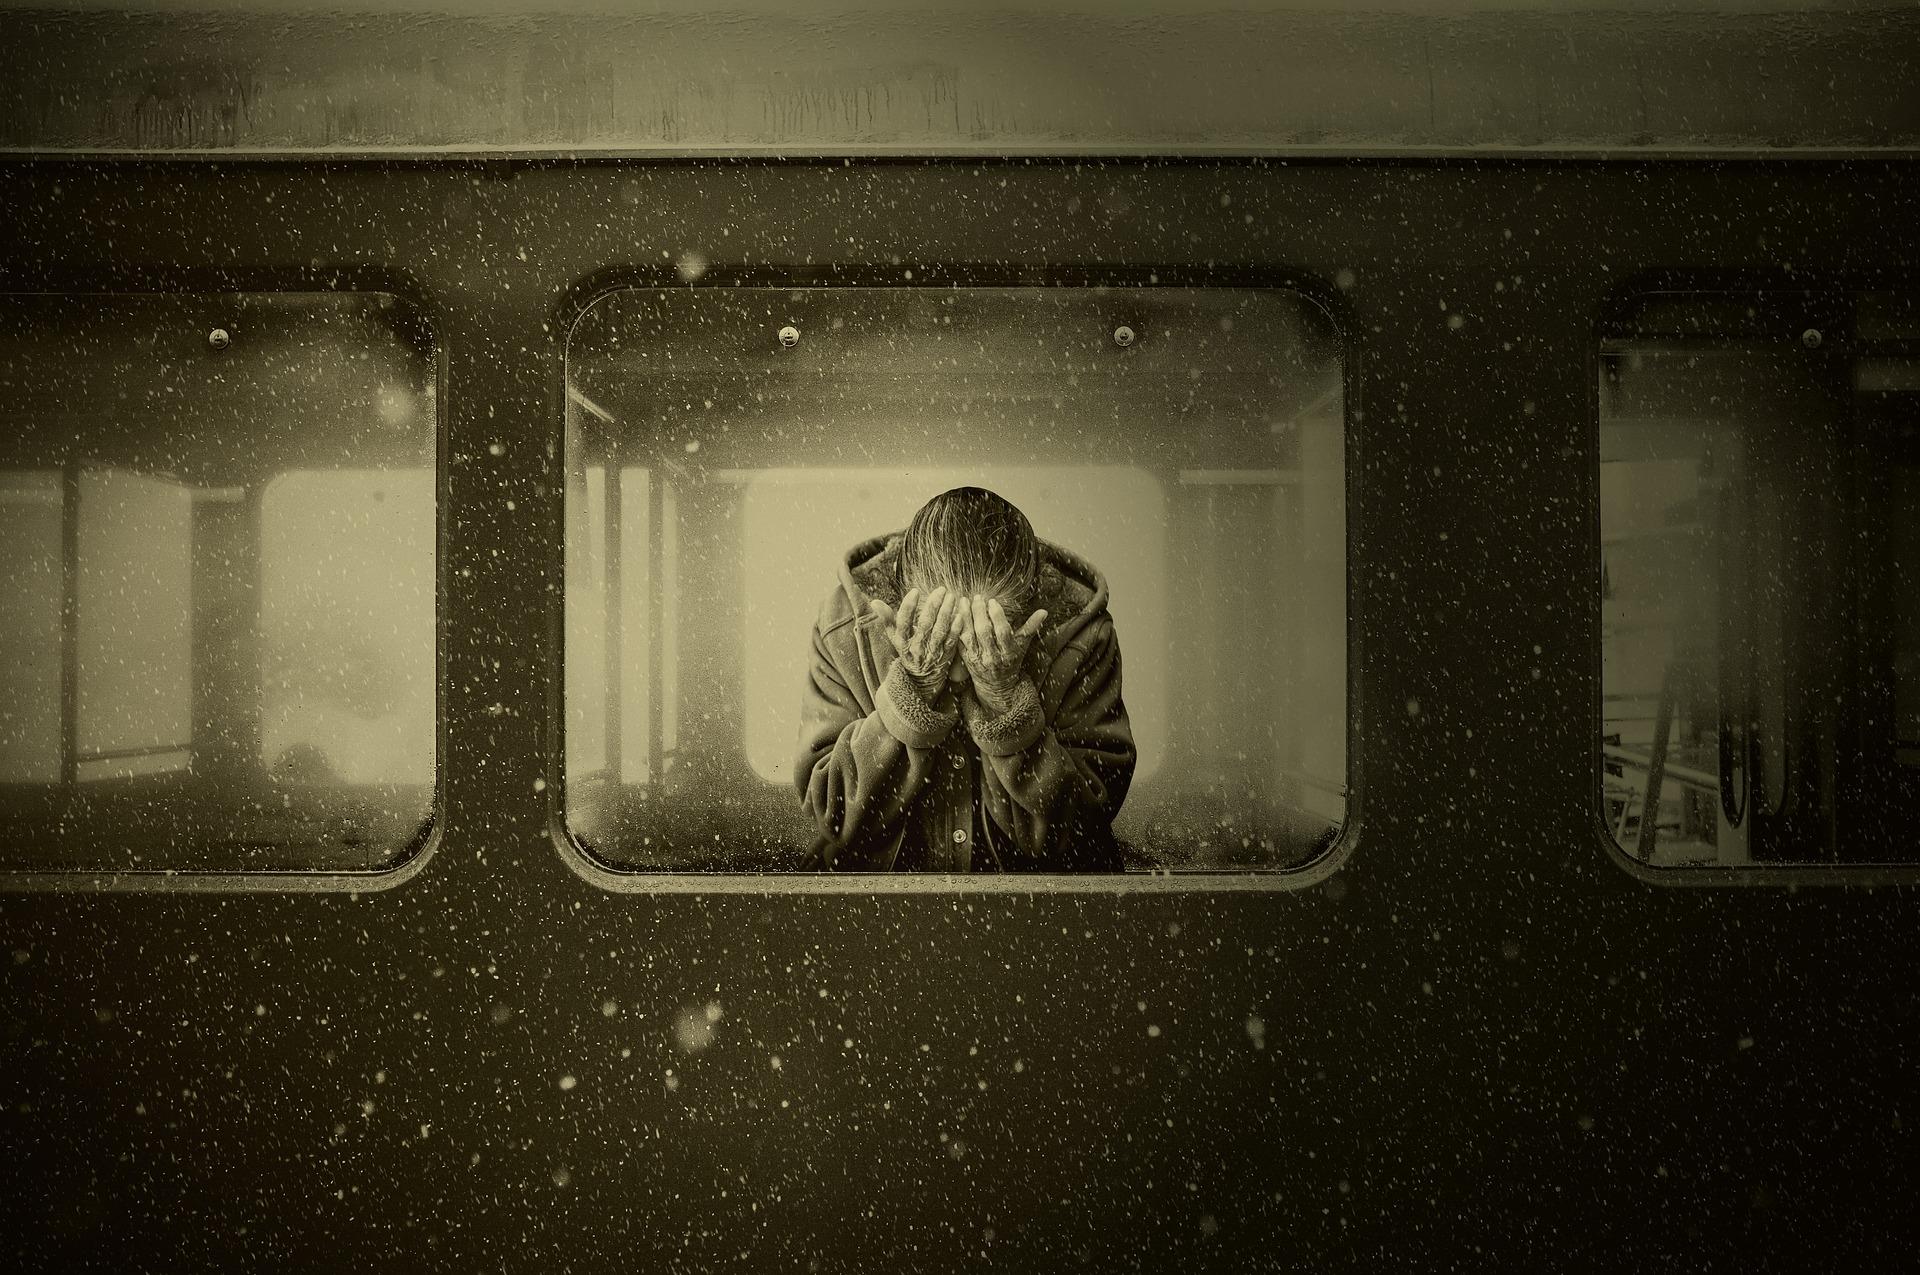 【パニック障害】電車の克服方法【認知行動療法】